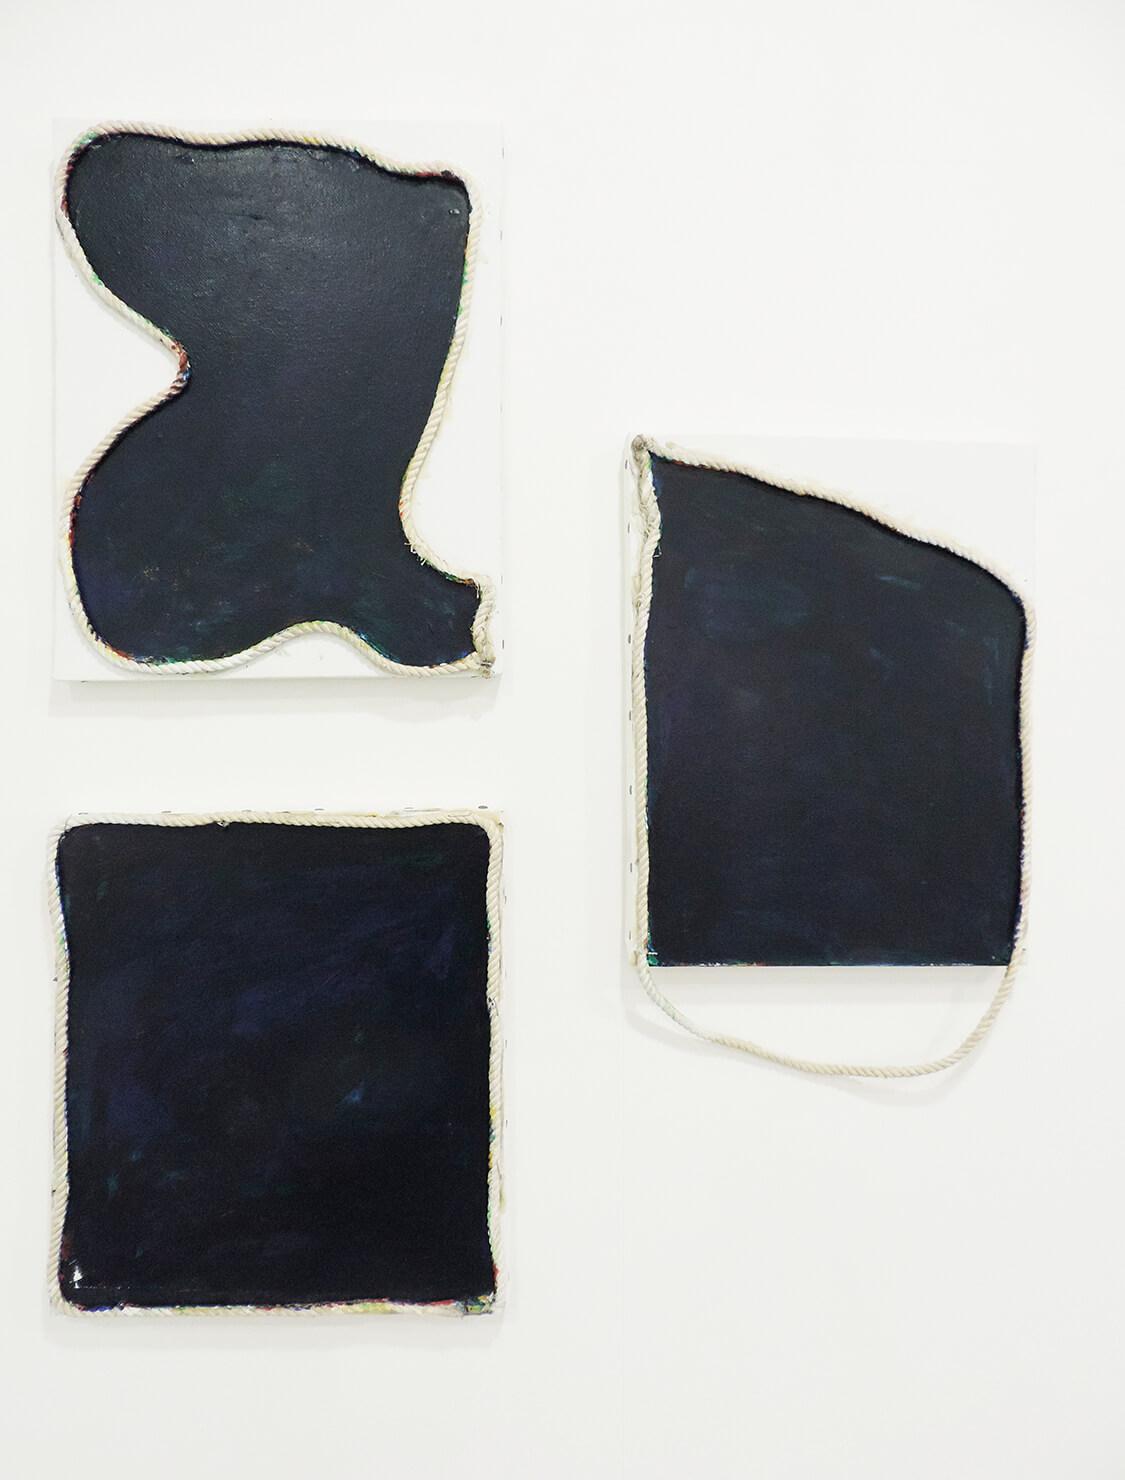 <b>Untitled</b><br>Acrylic, rope on canvas 35 x 27.5 x 2.7 cm(左上)35.3 x 27.5 x 2.7 cm(左下)41 x 27.5 x 2.7 cm(右) 2010